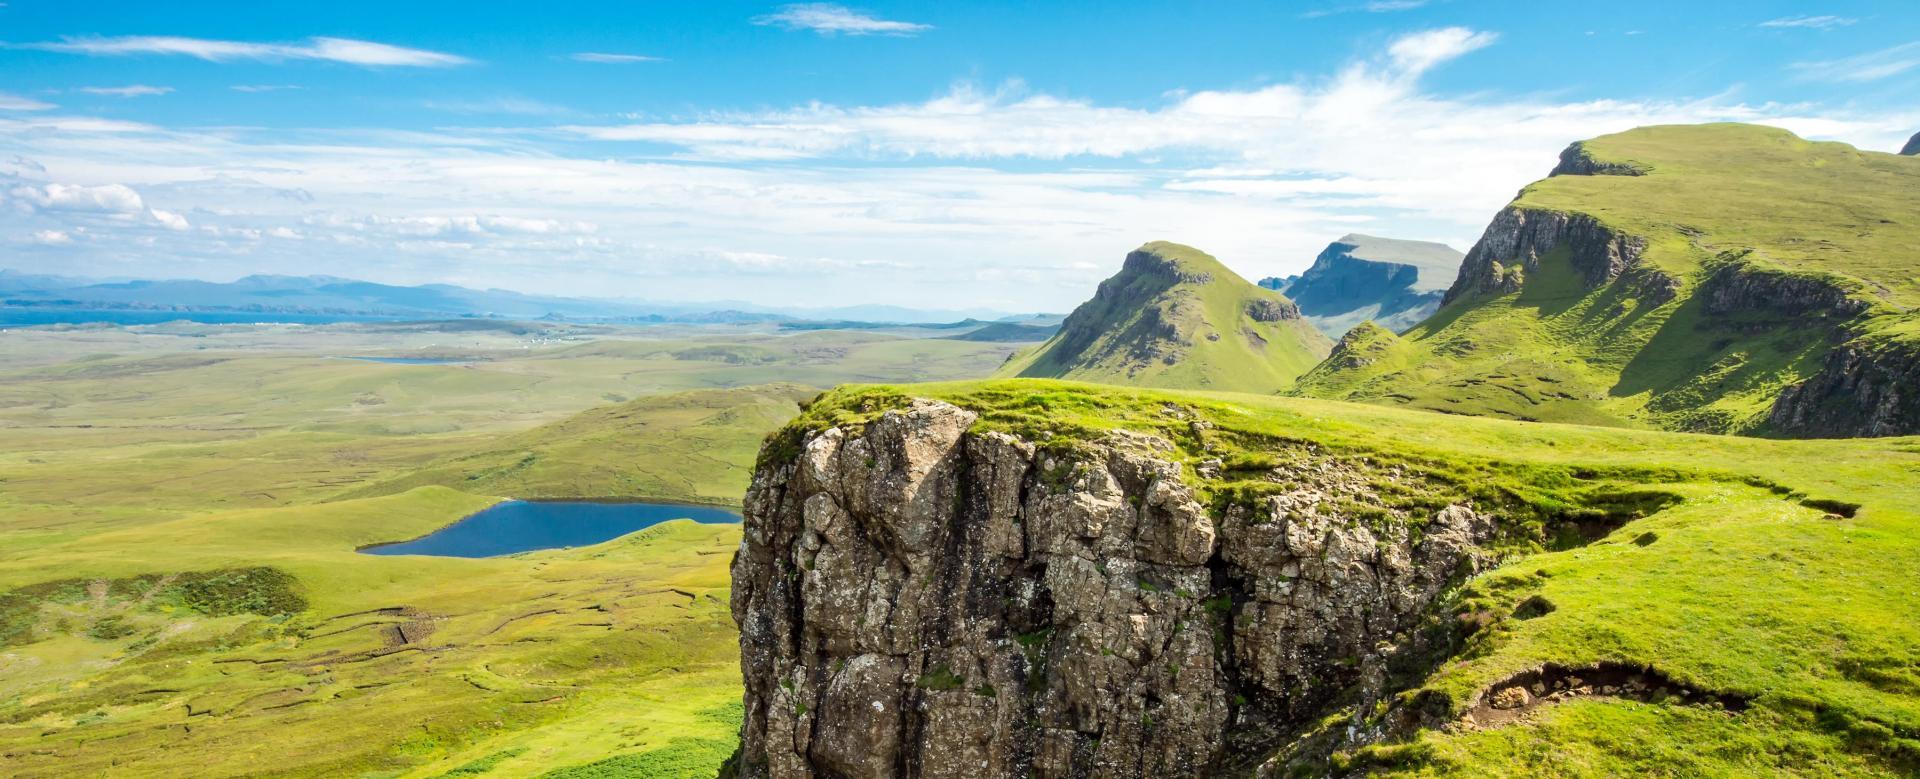 Voyage sur l'eau : Ile de skye et lochs des highlands